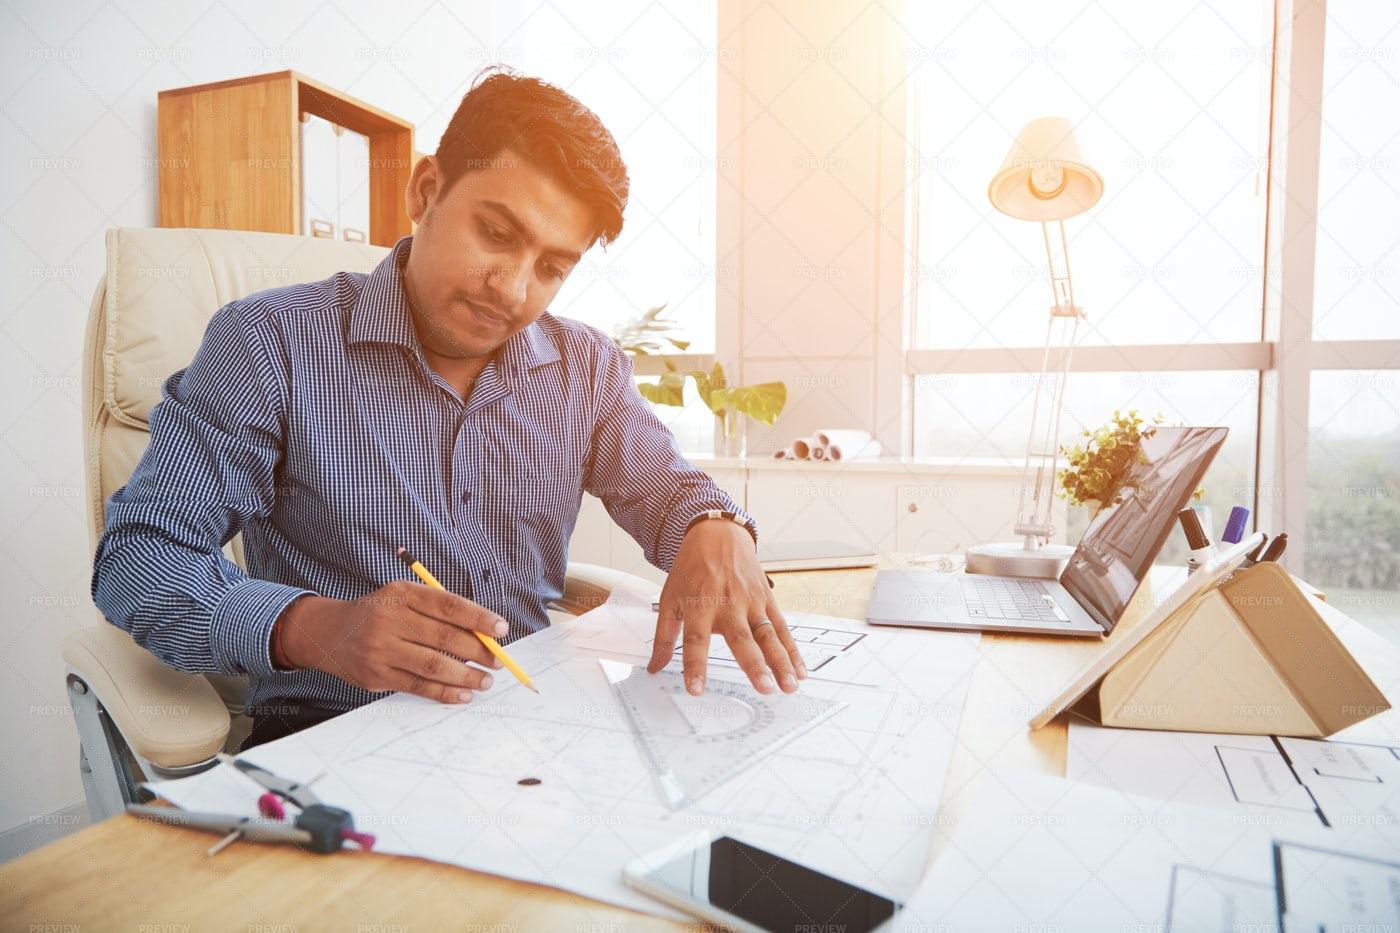 Indian Man Working On Blueprint: Stock Photos